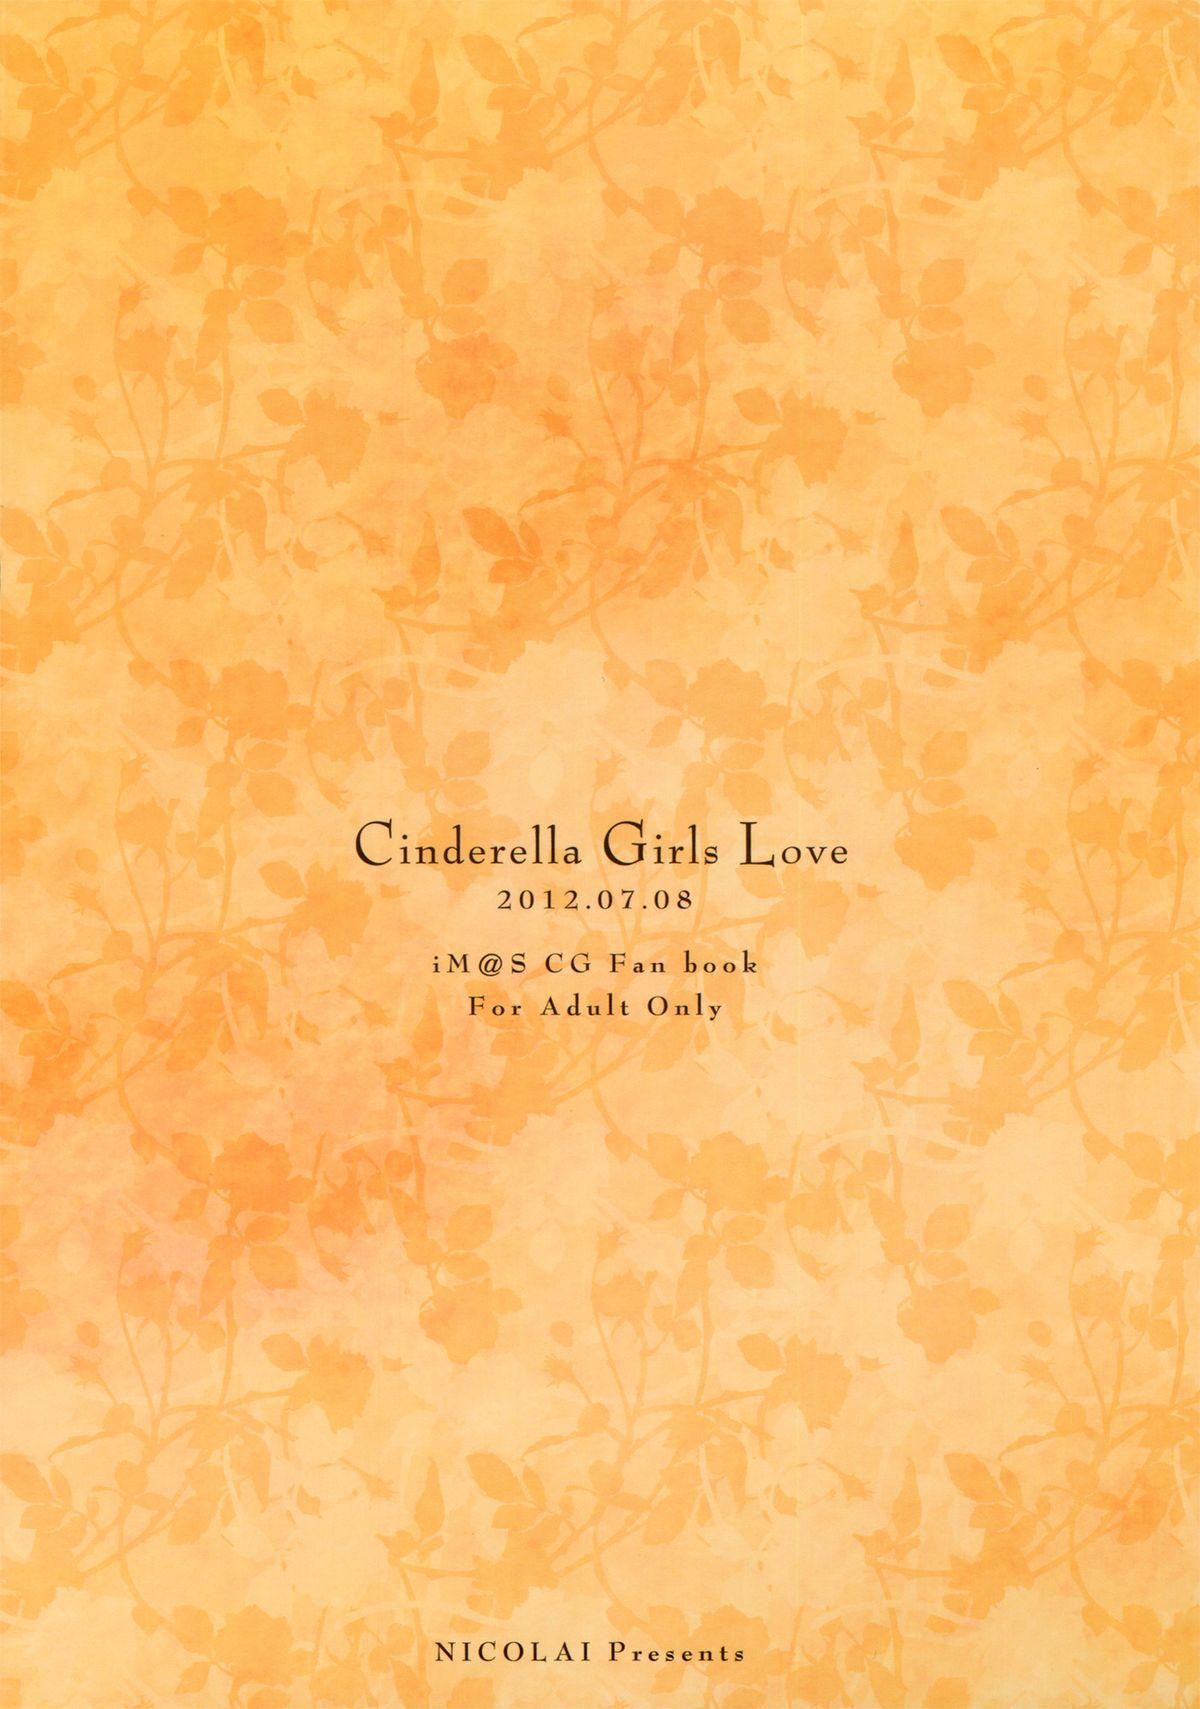 Cinderella Girls Love 25